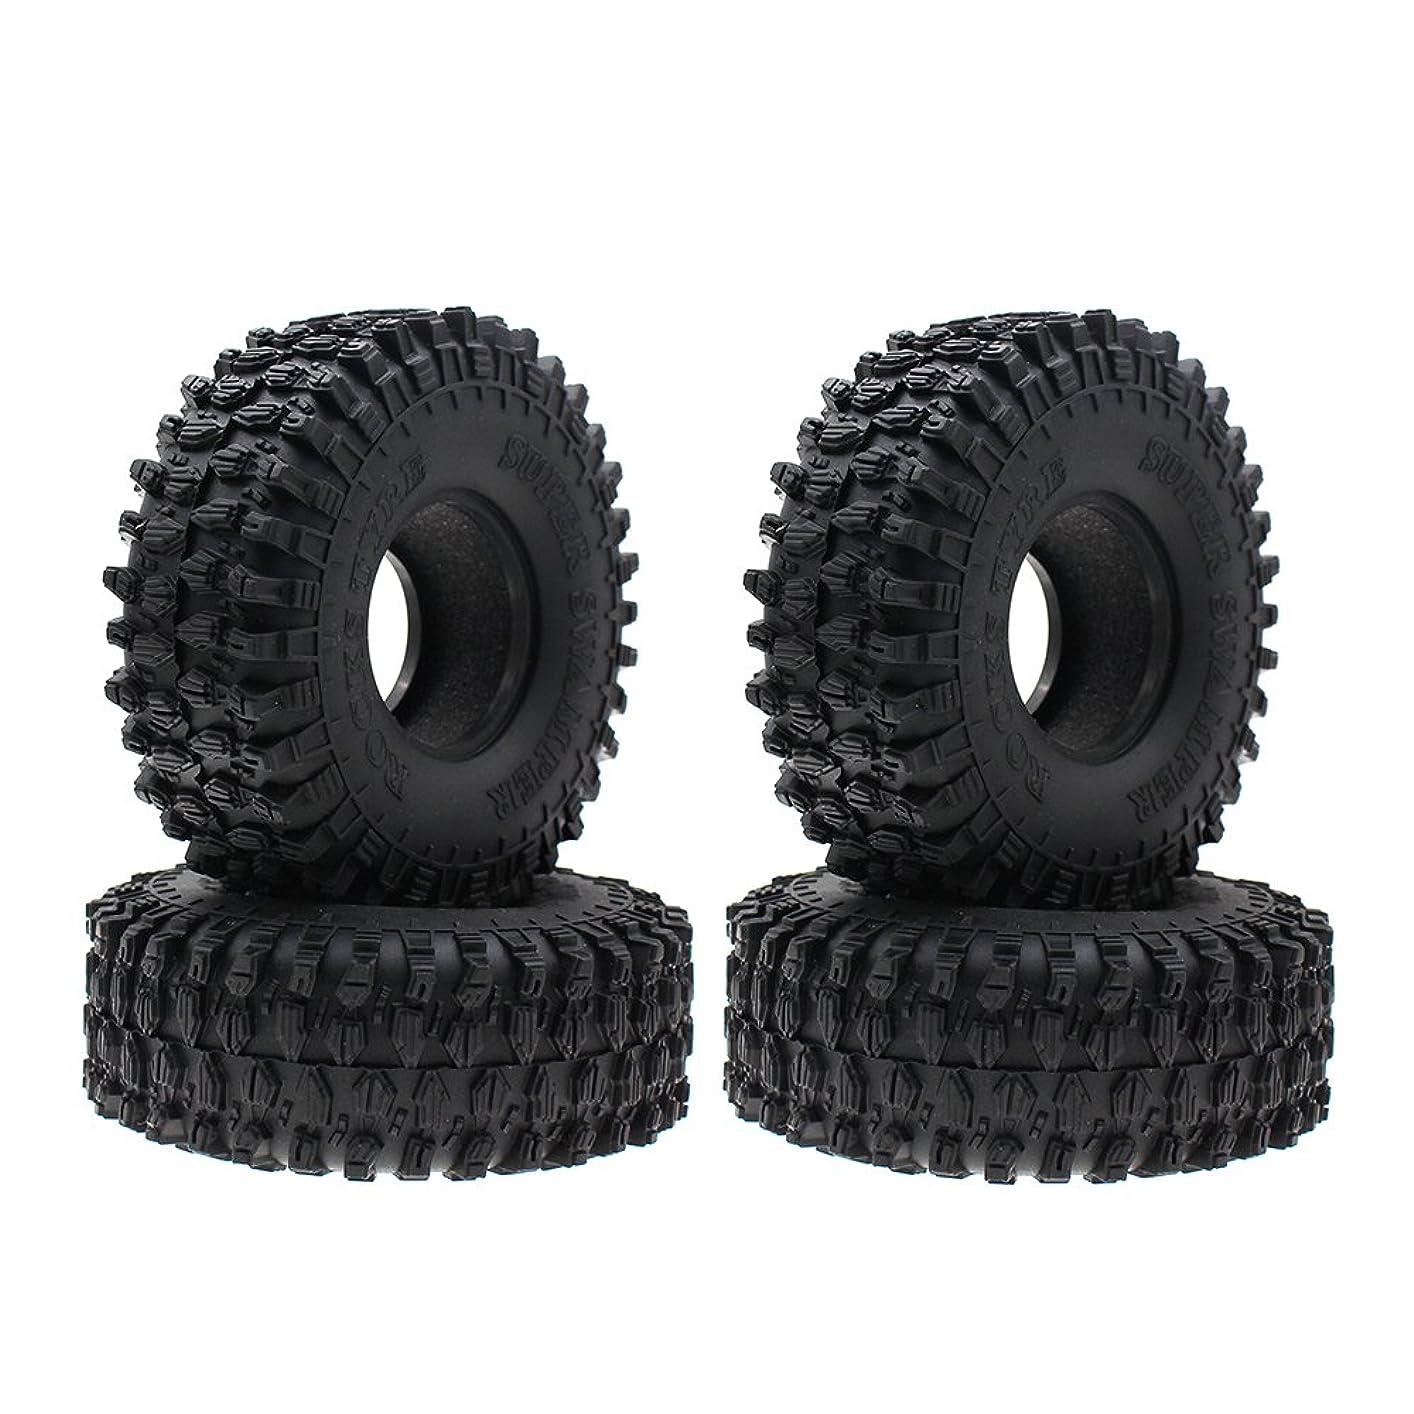 偽善者保存遅らせる4PCS Super Larger 4.7 Inch Outer Diameter RC Crawler Tires,1.9 Inch Tires for Axial SCX10 90047 SCX10 III AX103007 RC4WD D90 D110 TF2 Tamiya CC01 Traxxas TRX-4